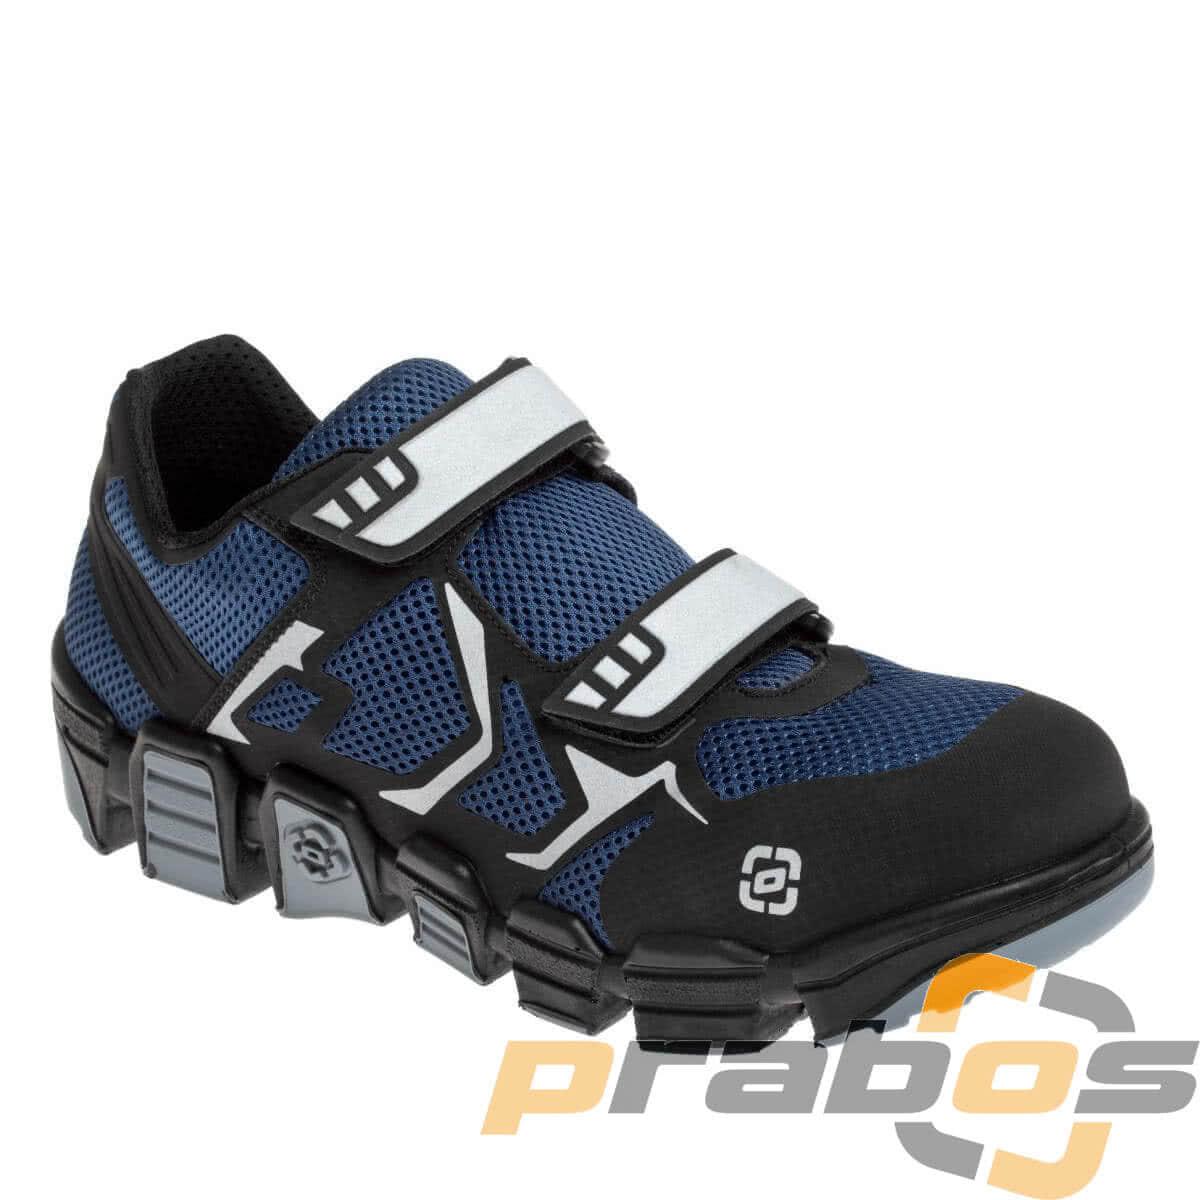 buty robocze S1 letnie oddychające i przewiewne